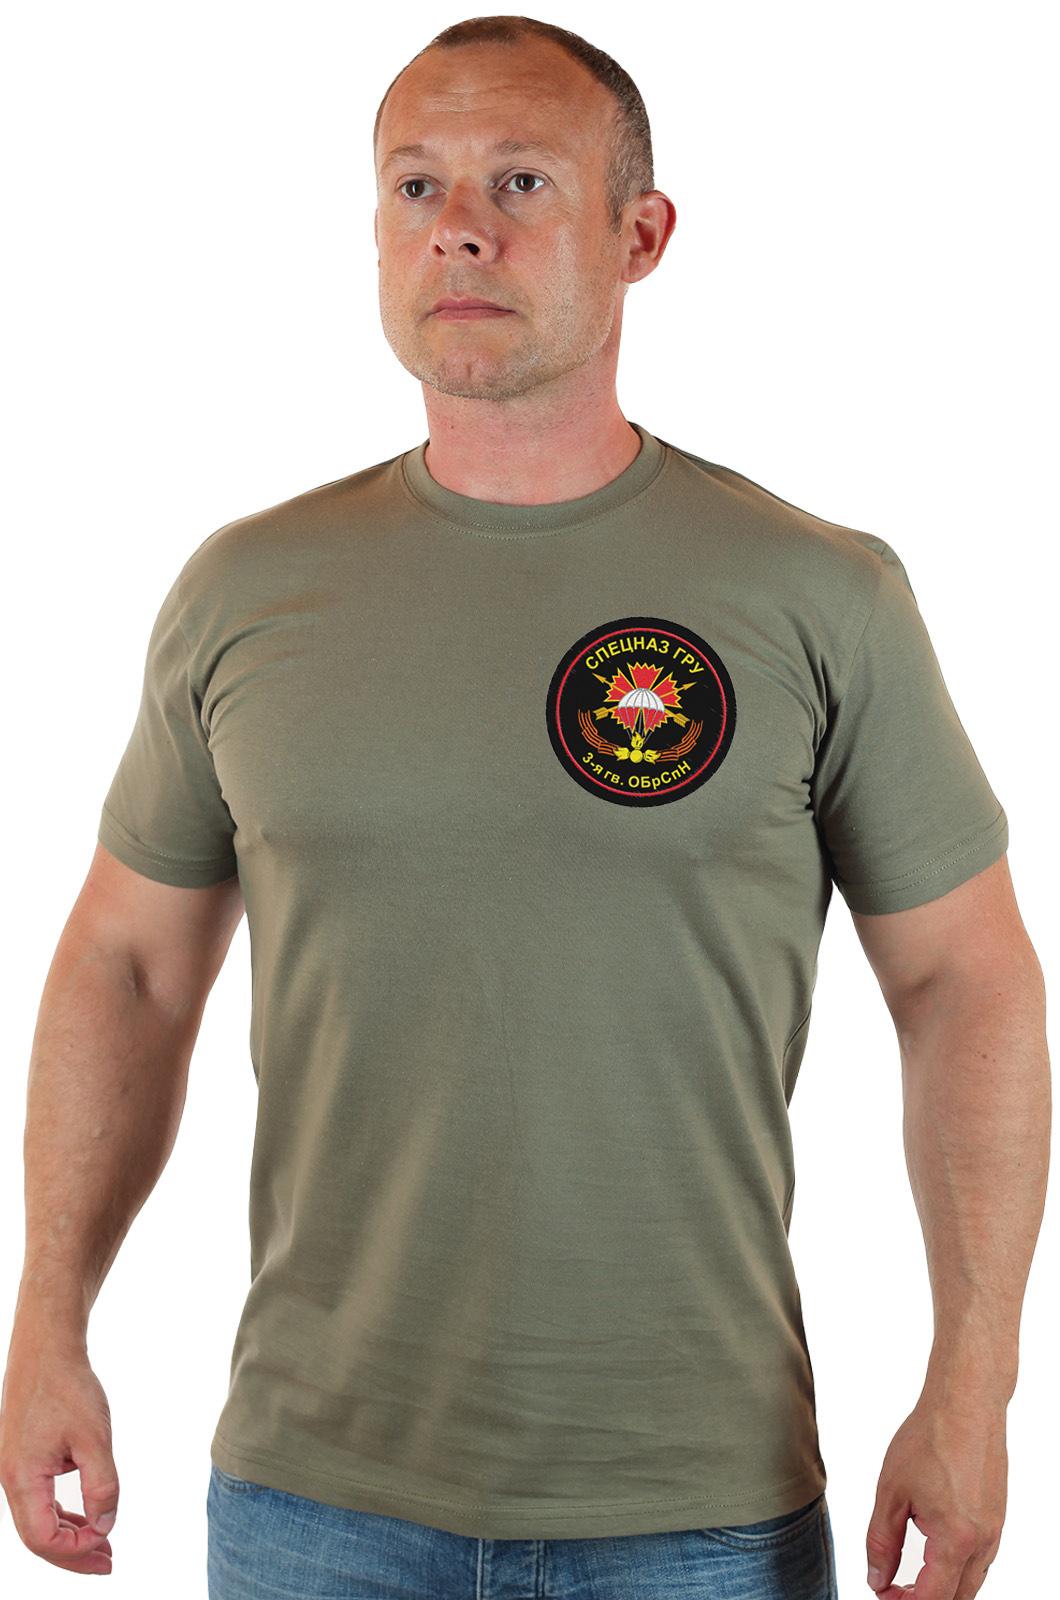 Купить в военторге Военпро футболку 3-й гв. ОБрСпН Спецназа ГРУ